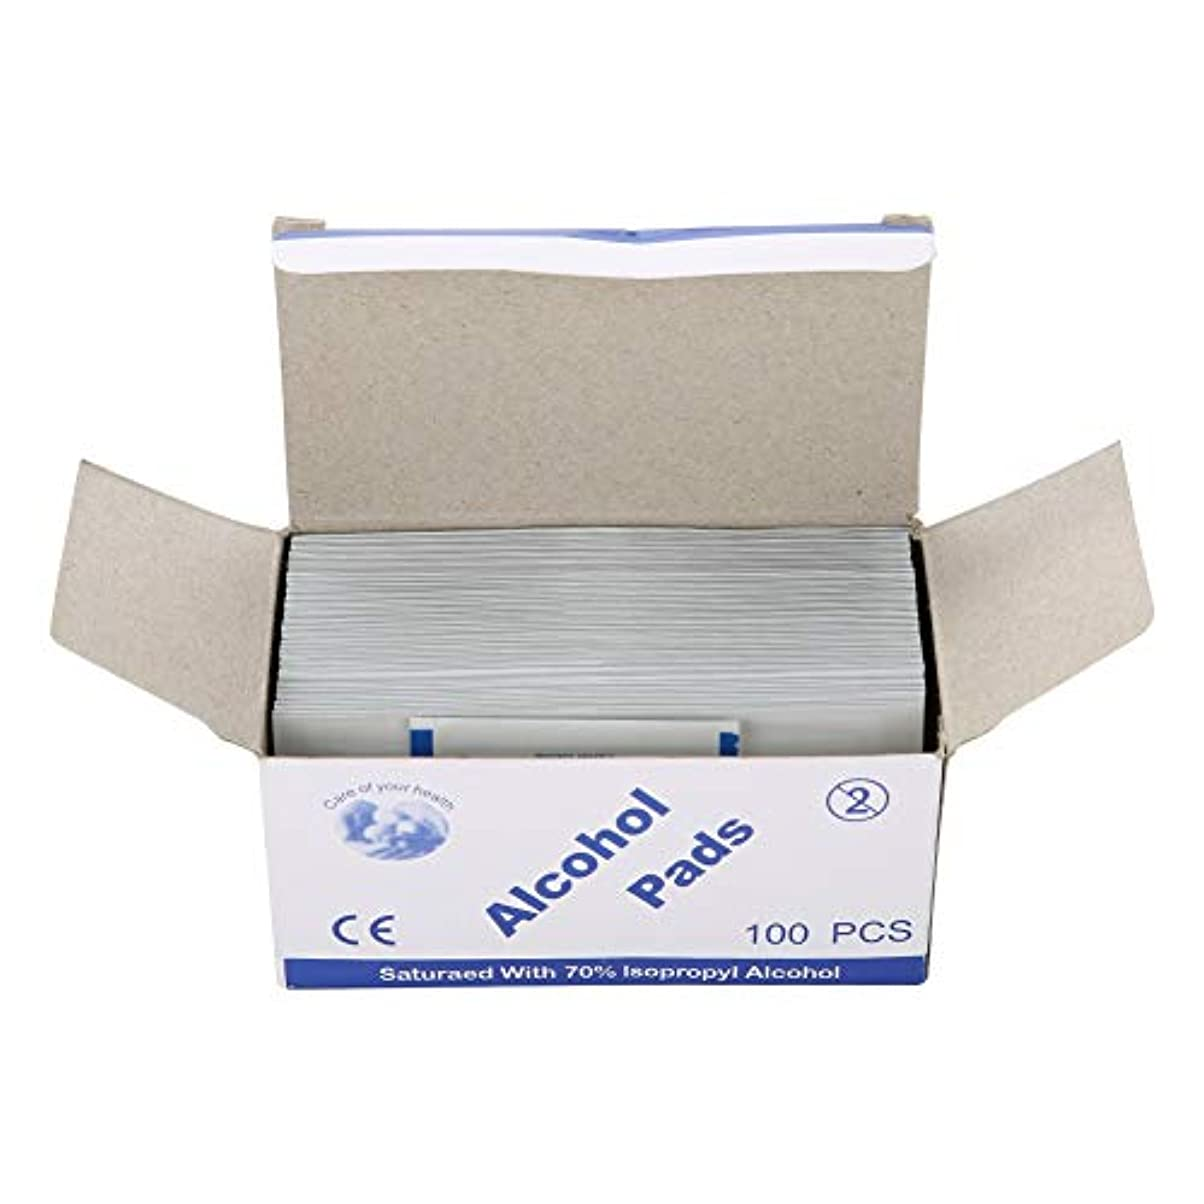 やさしくリラックスしたラリーベルモント100個/箱使い捨てアルコール綿パッド (UnitCount : 2 box)